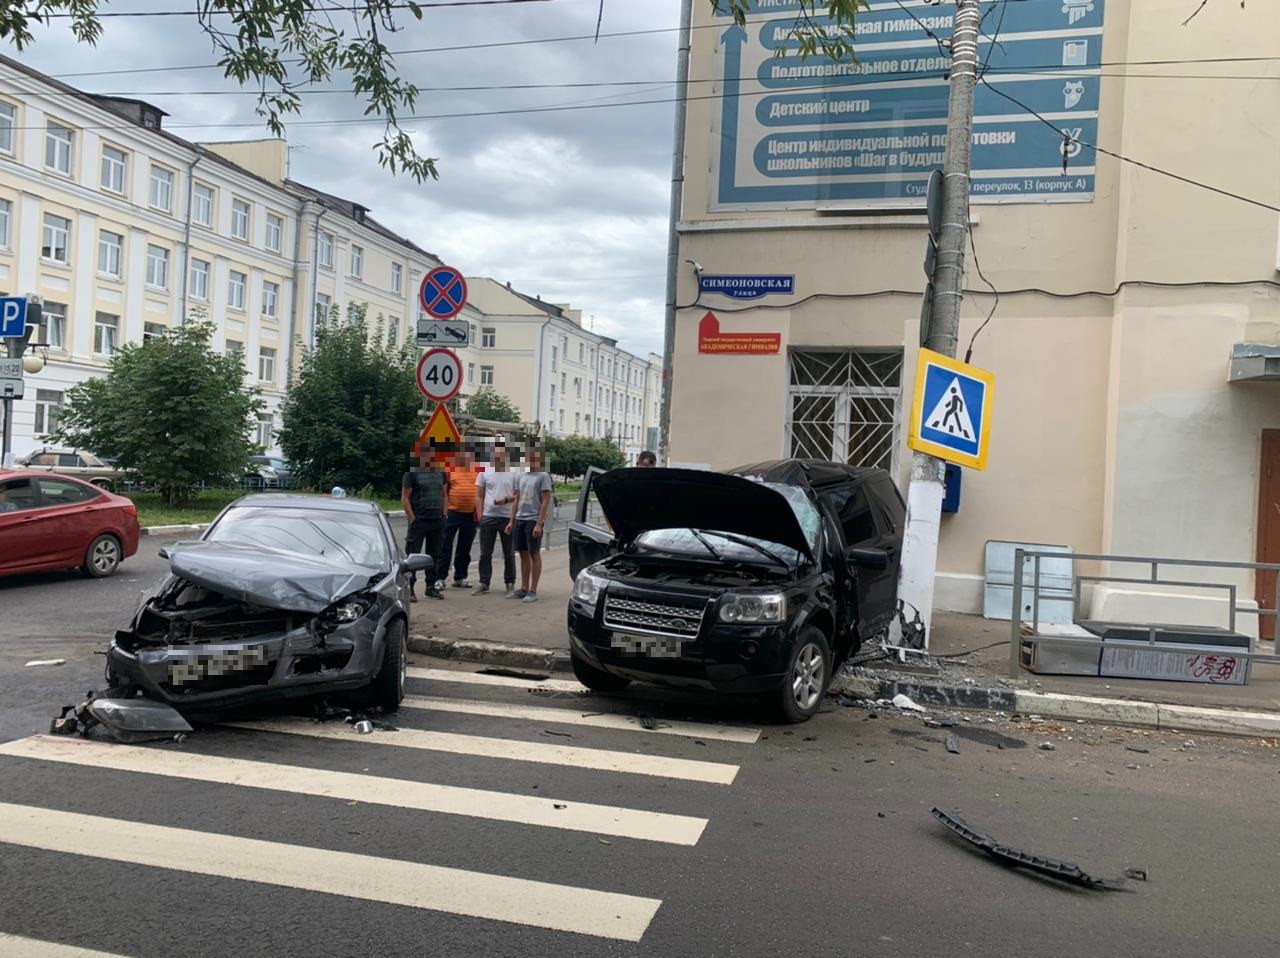 """Водитель """"Ленд Ровера"""" серьёзно пострадал после столкновения с """"Опелем"""" и столбом в Твери"""